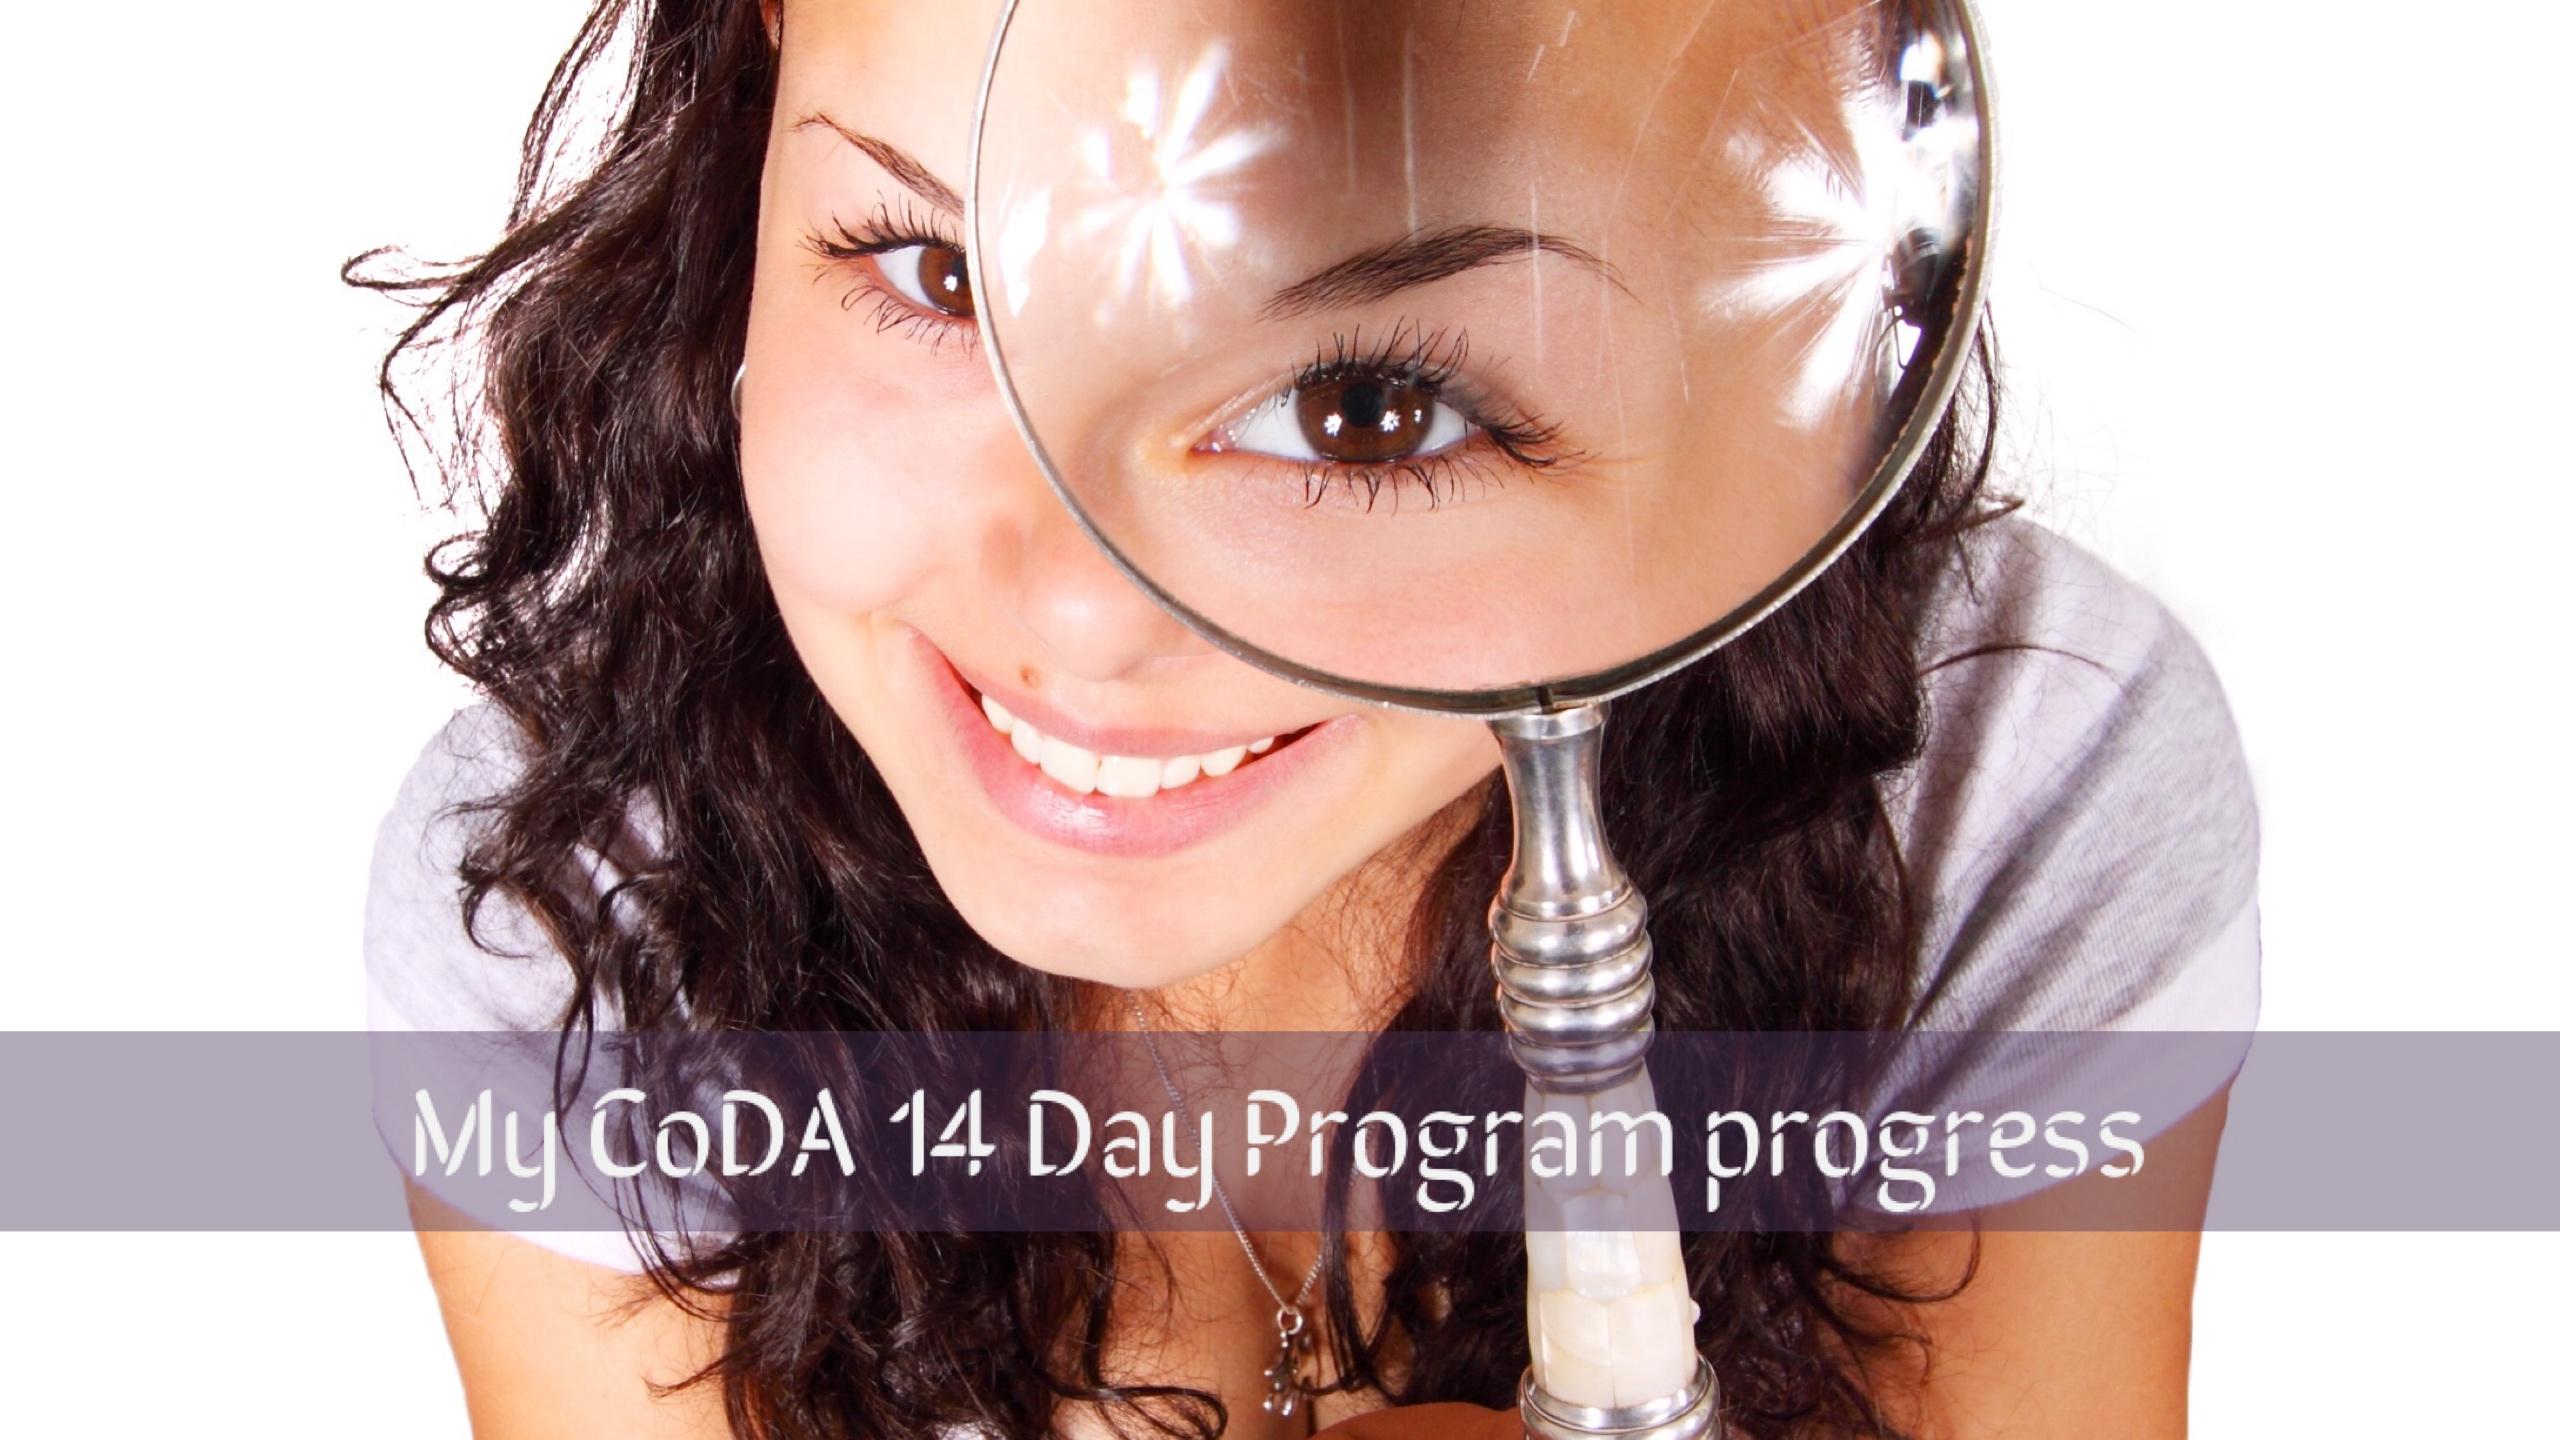 Coda 14 Day program progress